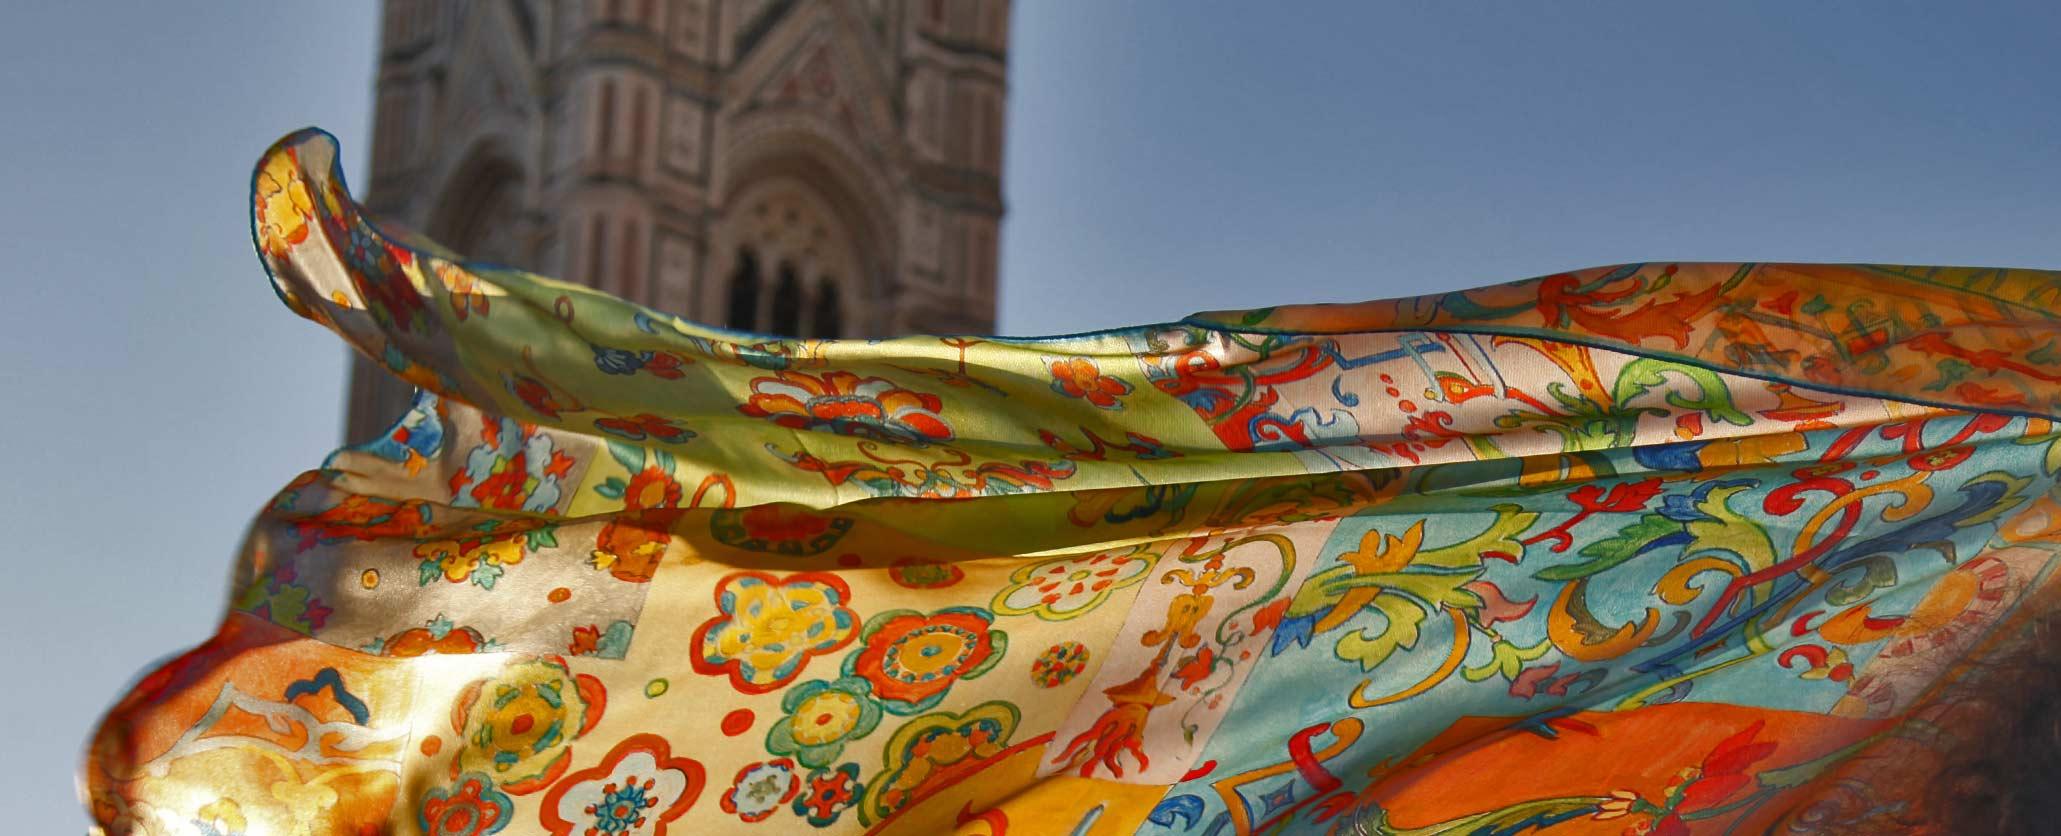 Foulard | Firenze | Torre d'arte